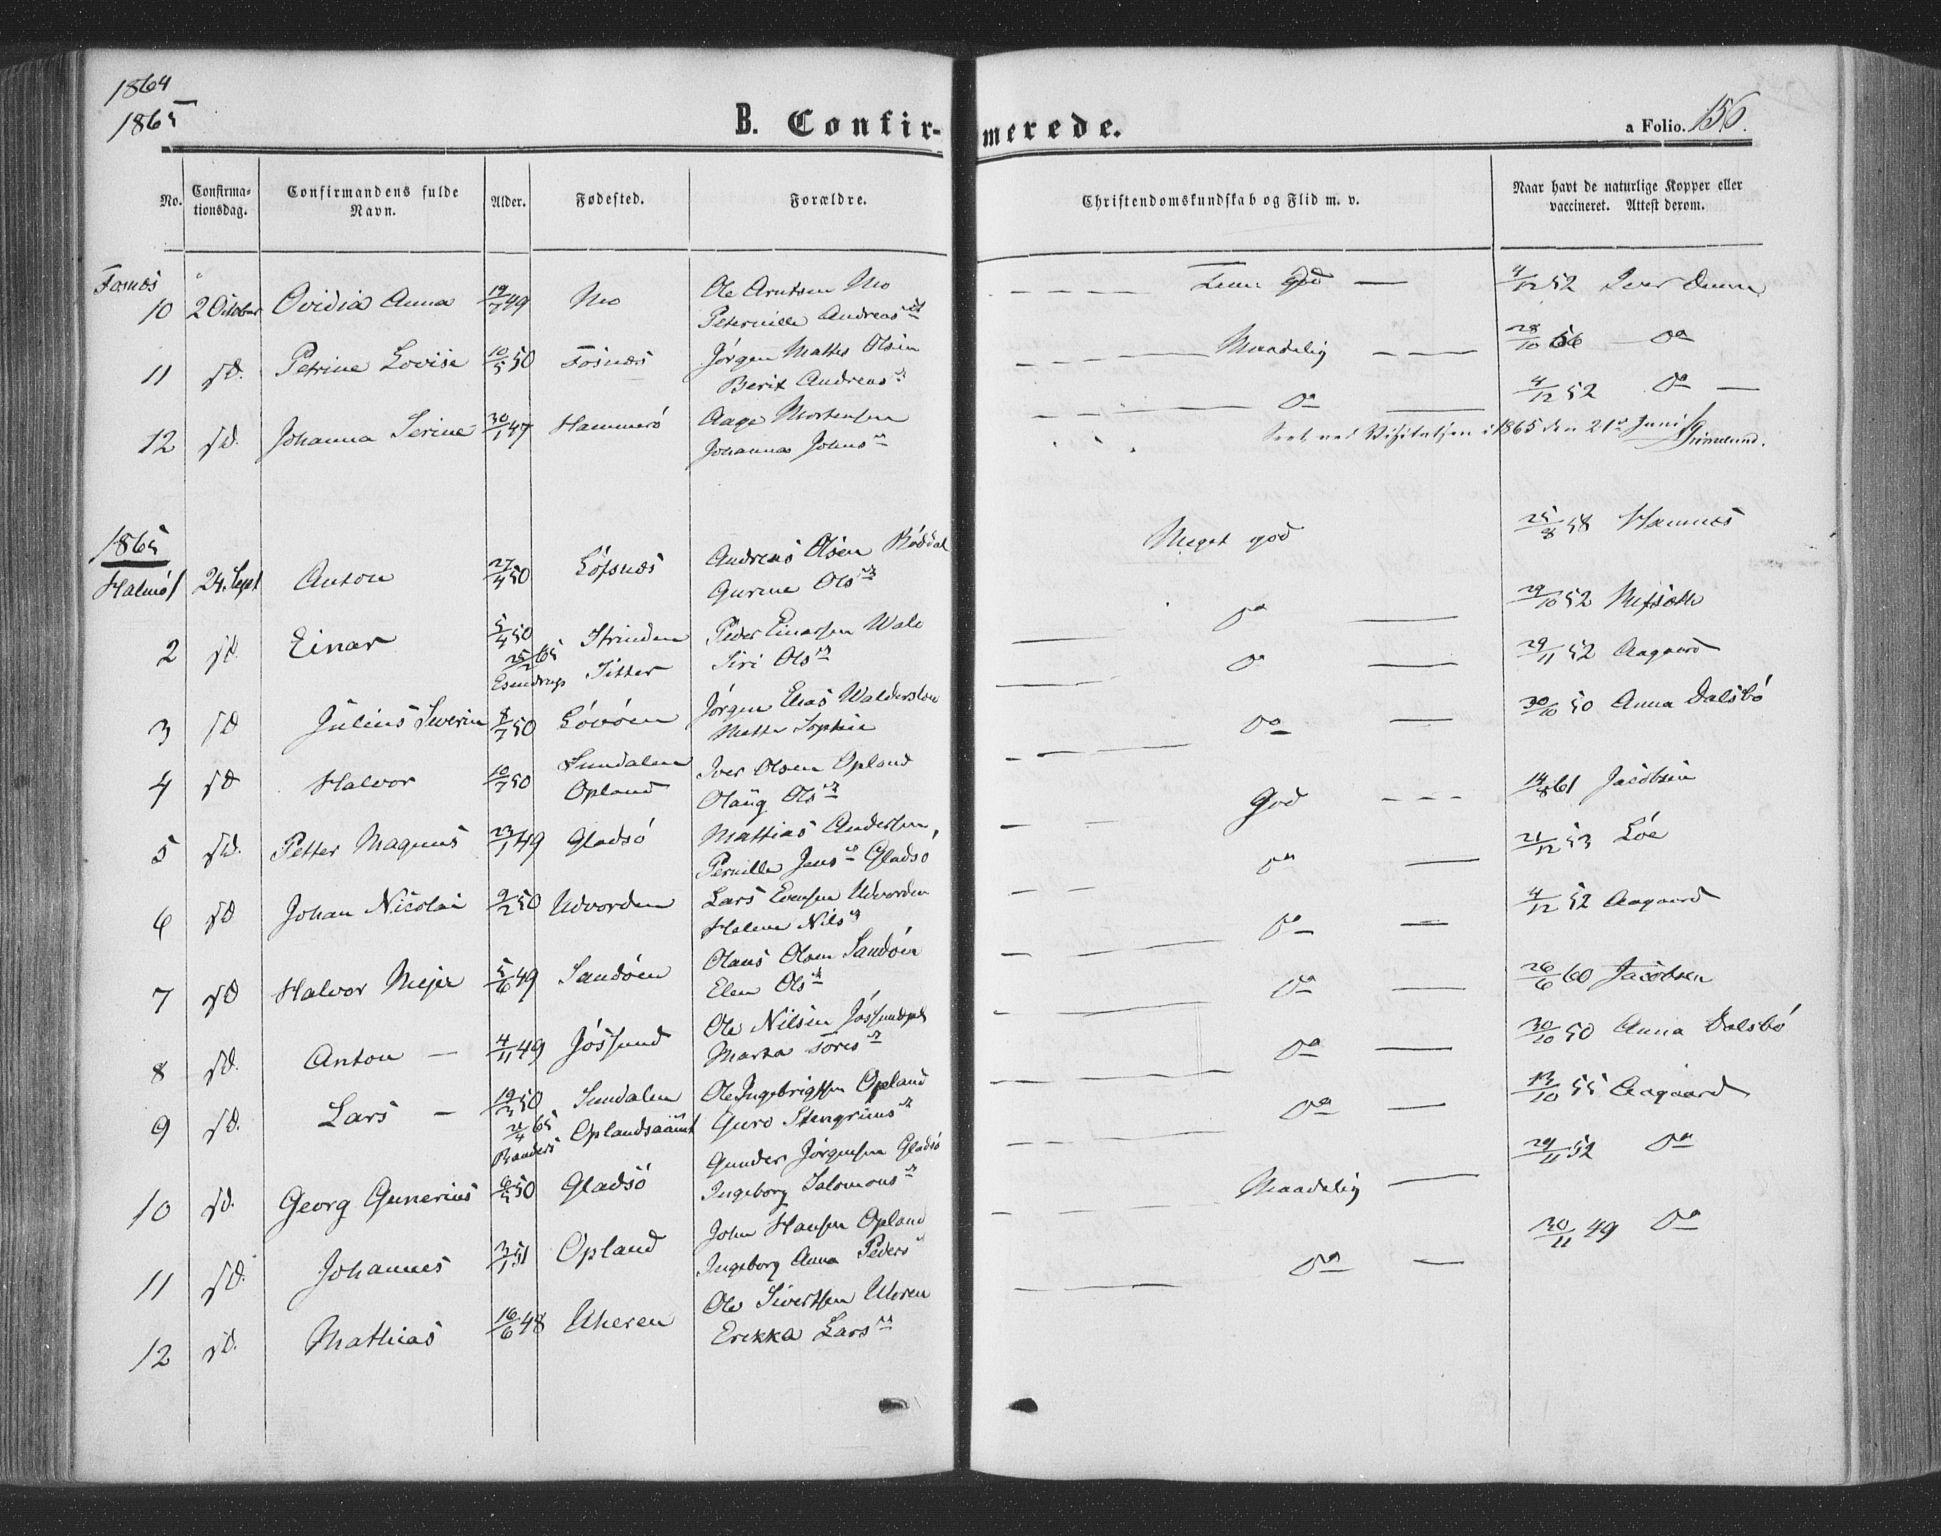 SAT, Ministerialprotokoller, klokkerbøker og fødselsregistre - Nord-Trøndelag, 773/L0615: Ministerialbok nr. 773A06, 1857-1870, s. 156